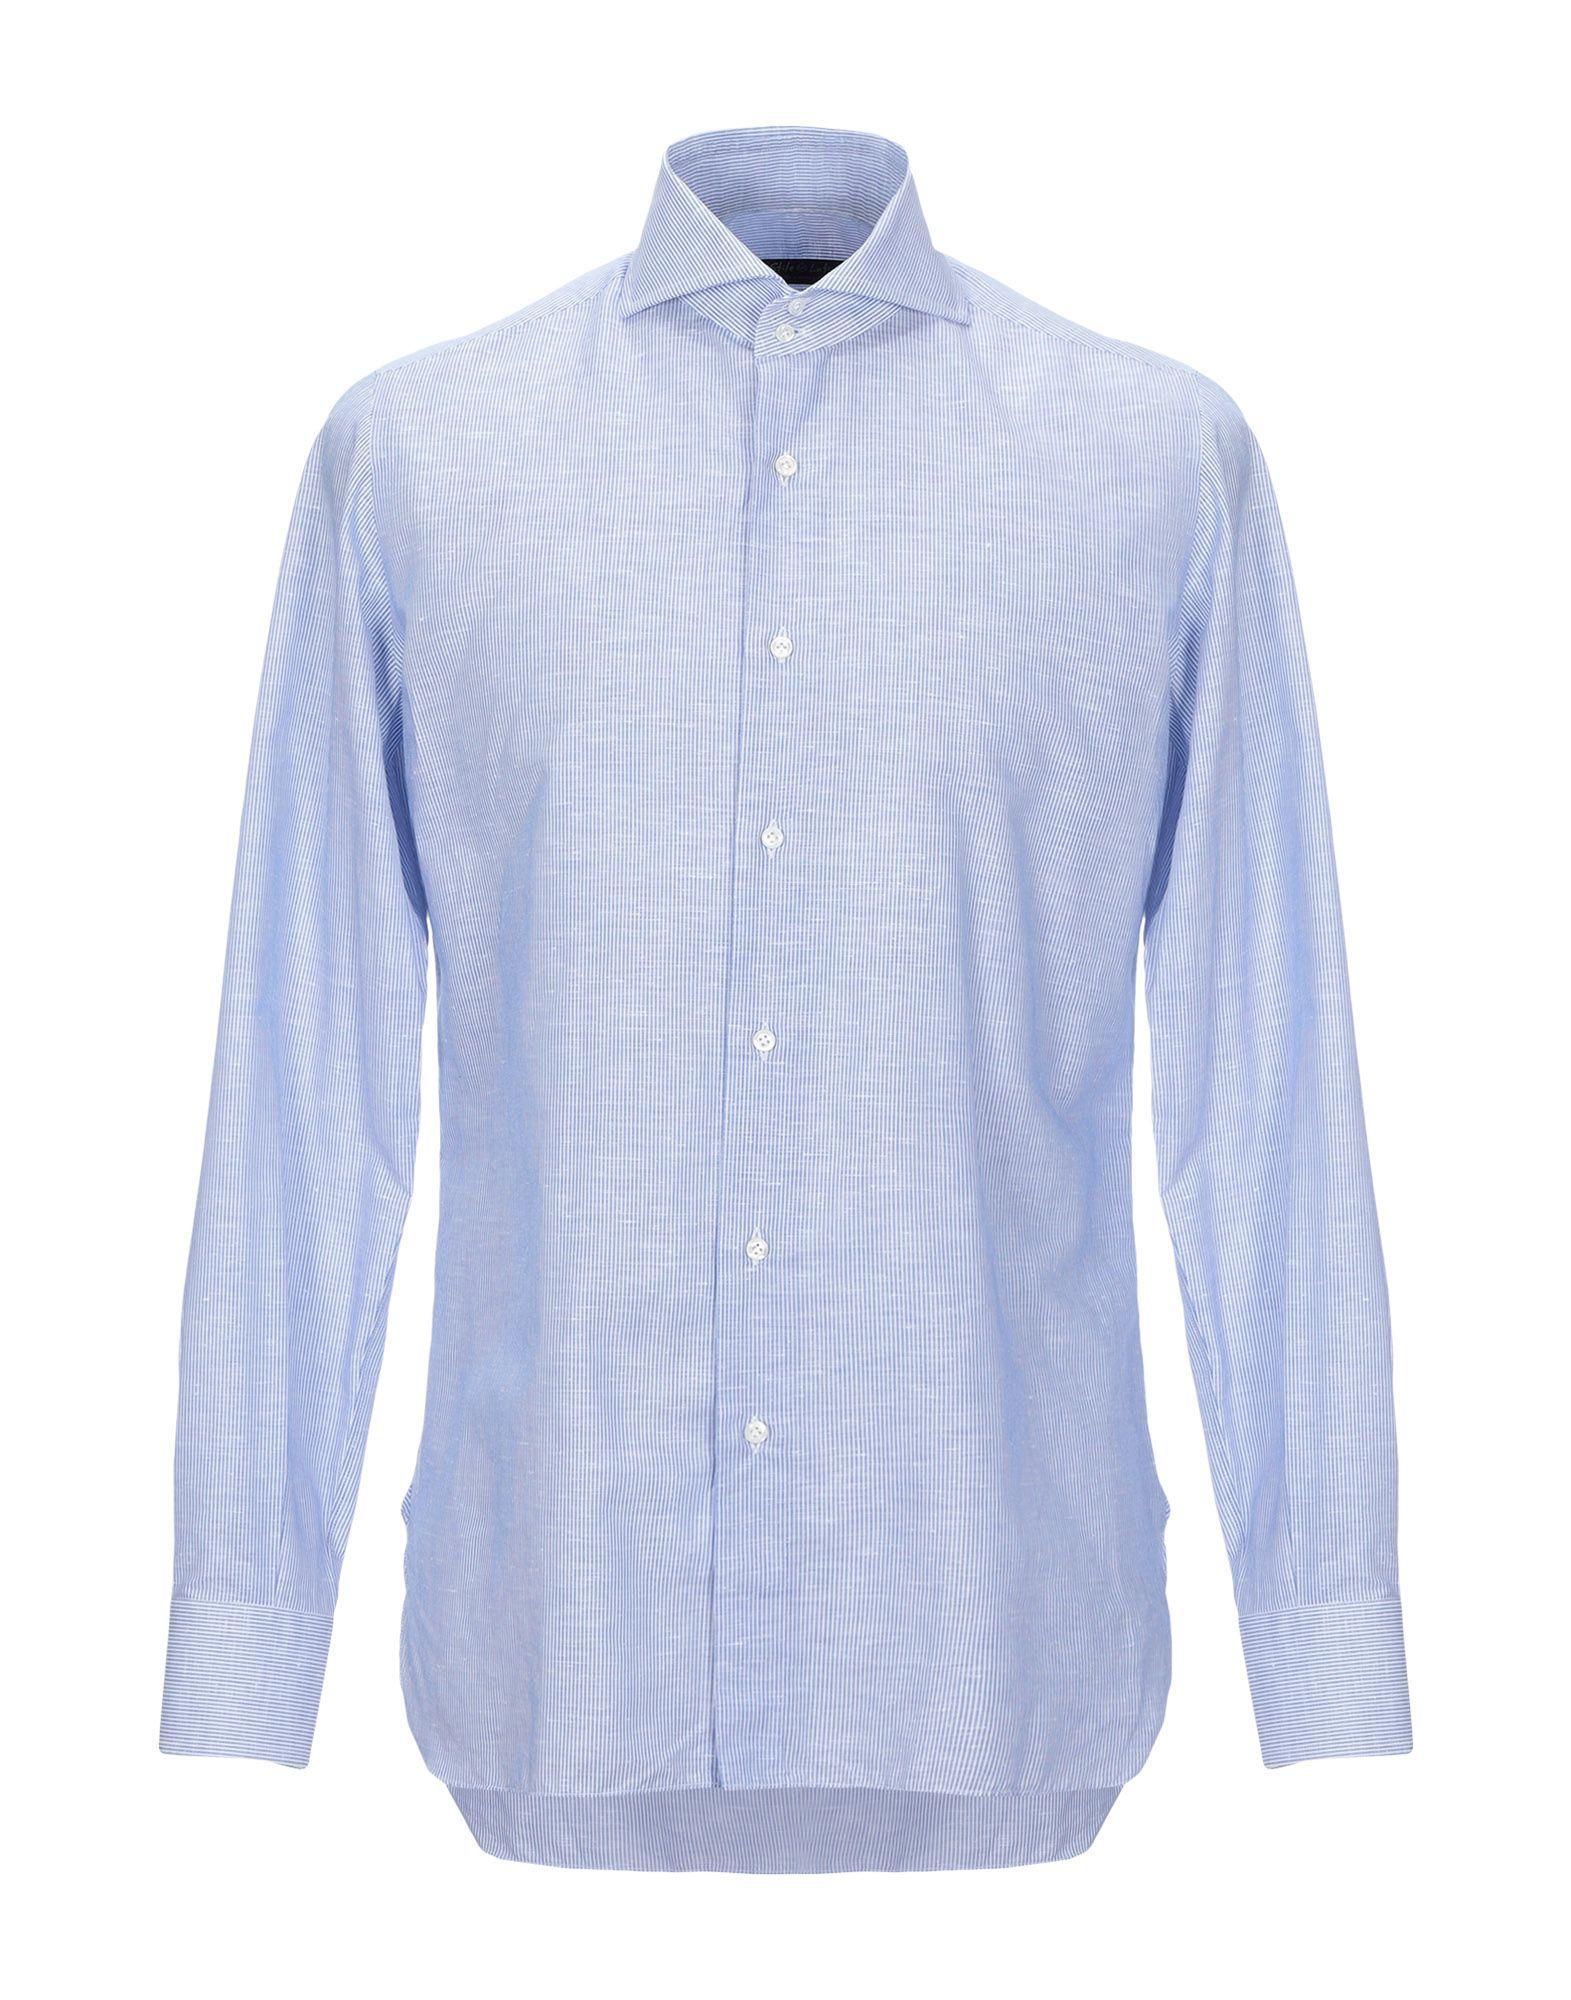 《セール開催中》STILE LATINO メンズ シャツ アジュールブルー 42 麻 60% / コットン 40%